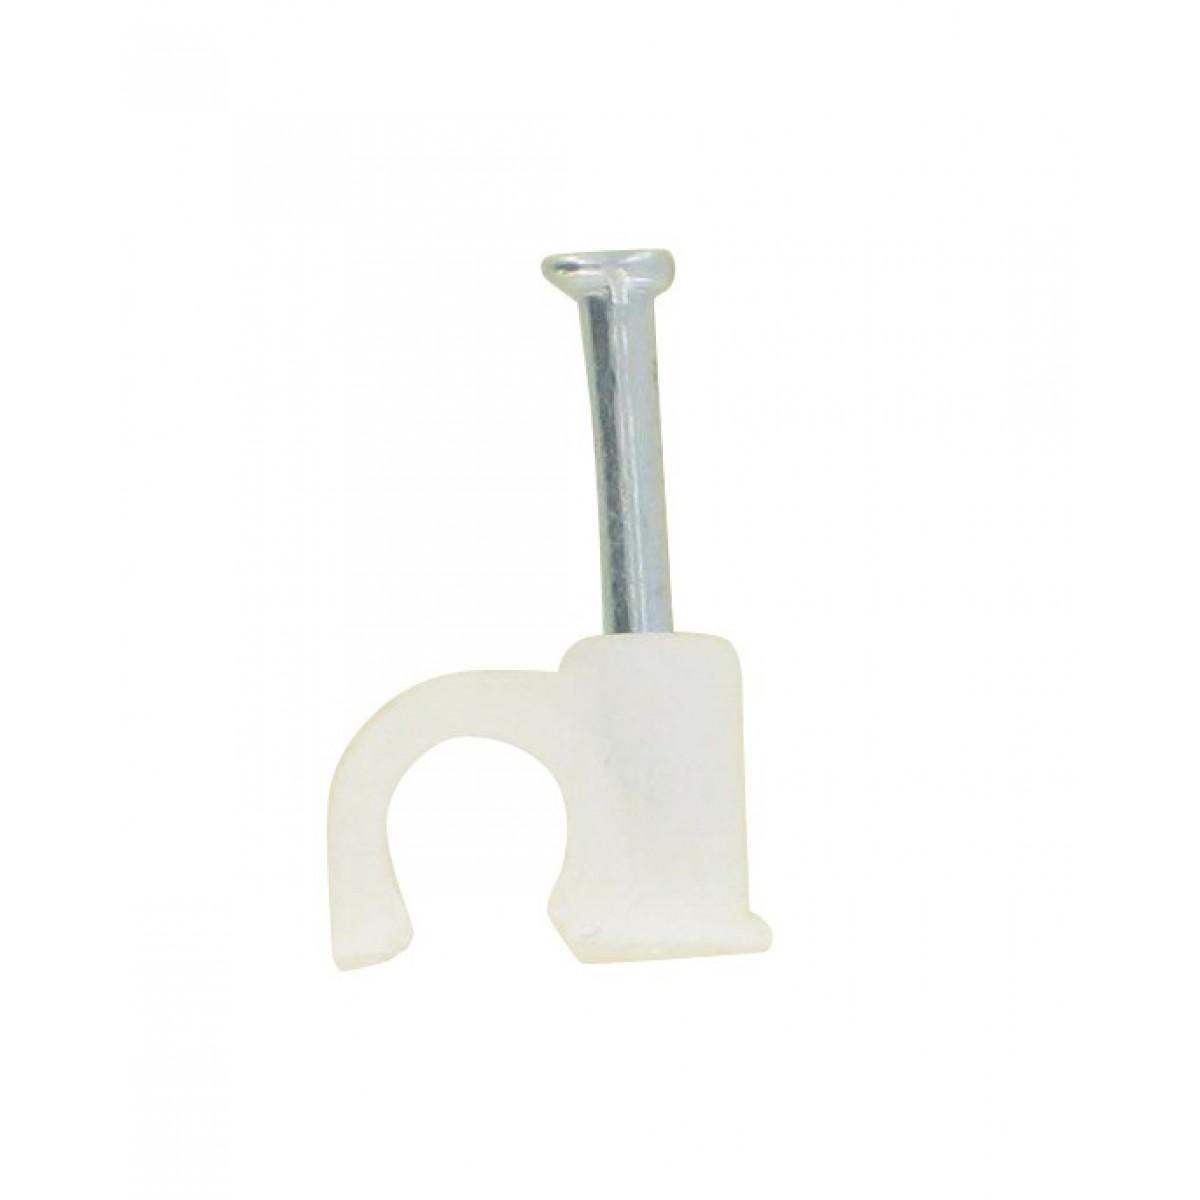 Pontet rigide blanc Dhome - Diamètre 7 mm - Vendu par 100